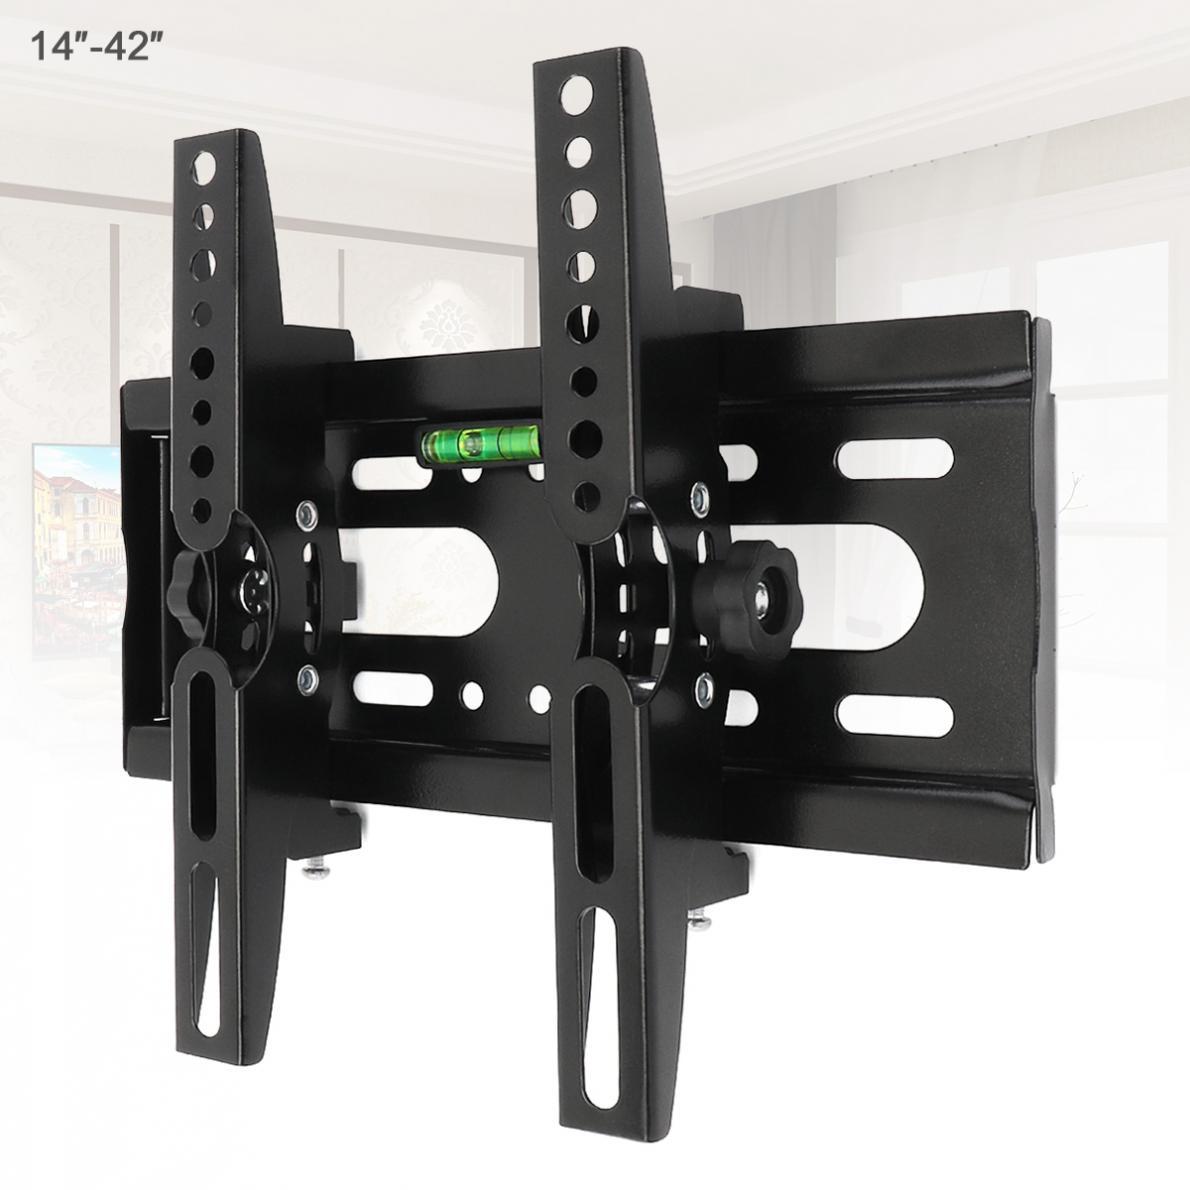 Soporte de montaje en pared Universal para TV, Panel plano de 25KG, soporte de 15 grados de inclinación con nivel para LED LCD de 14 - 42 pulgadas